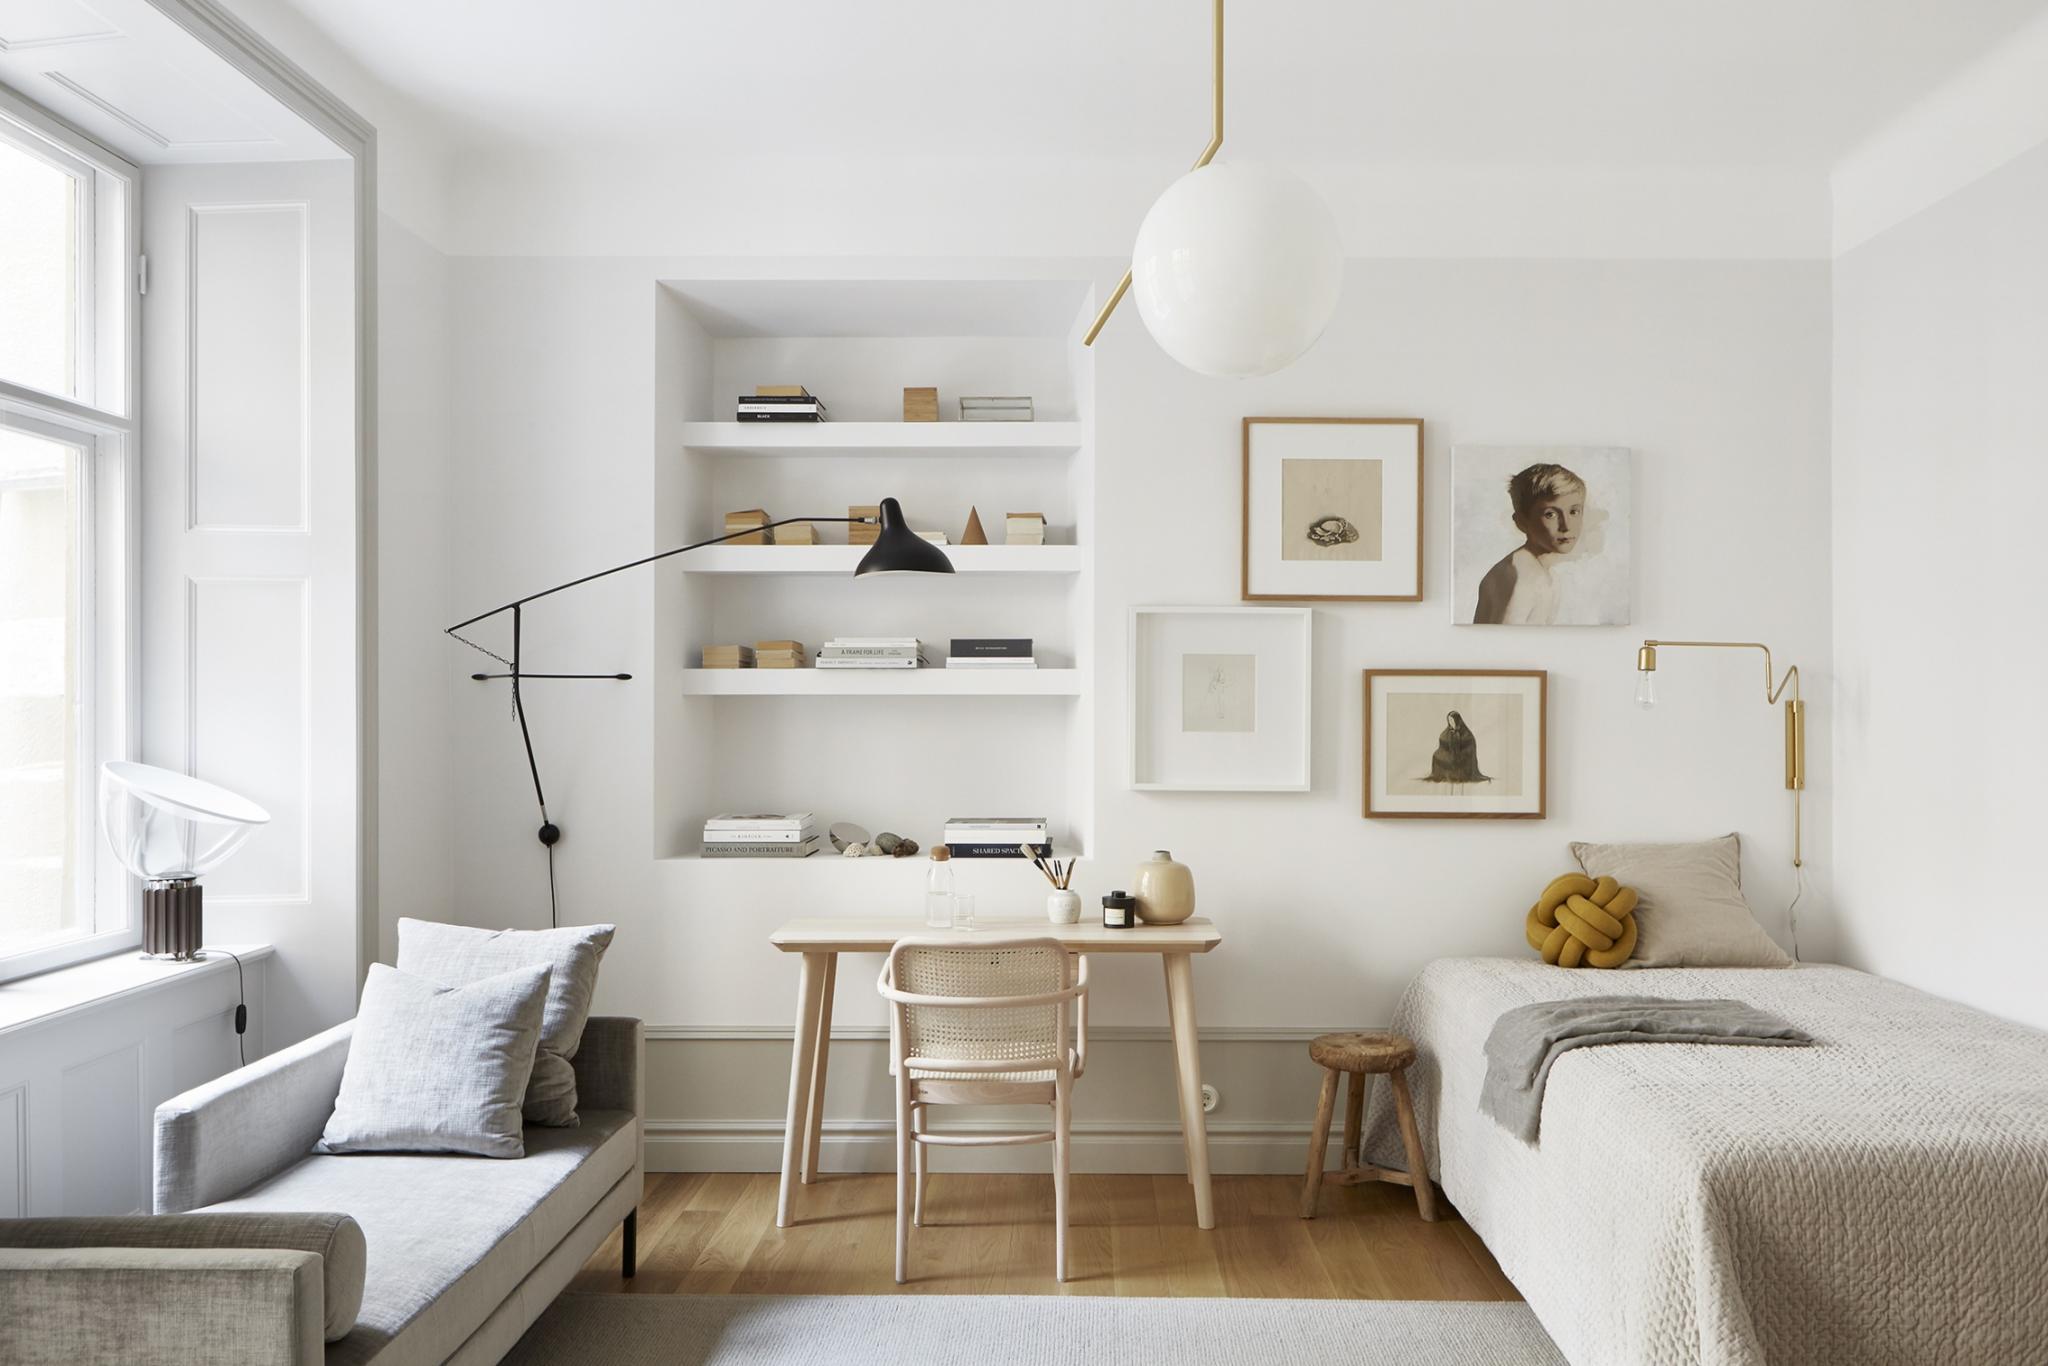 Auch Kleine Wohnungen Können Ganz Gross Rauskommen. Mit Einem Dezenten  Farbkonzept, Hellen Und Leichten Möbel Und Den ...